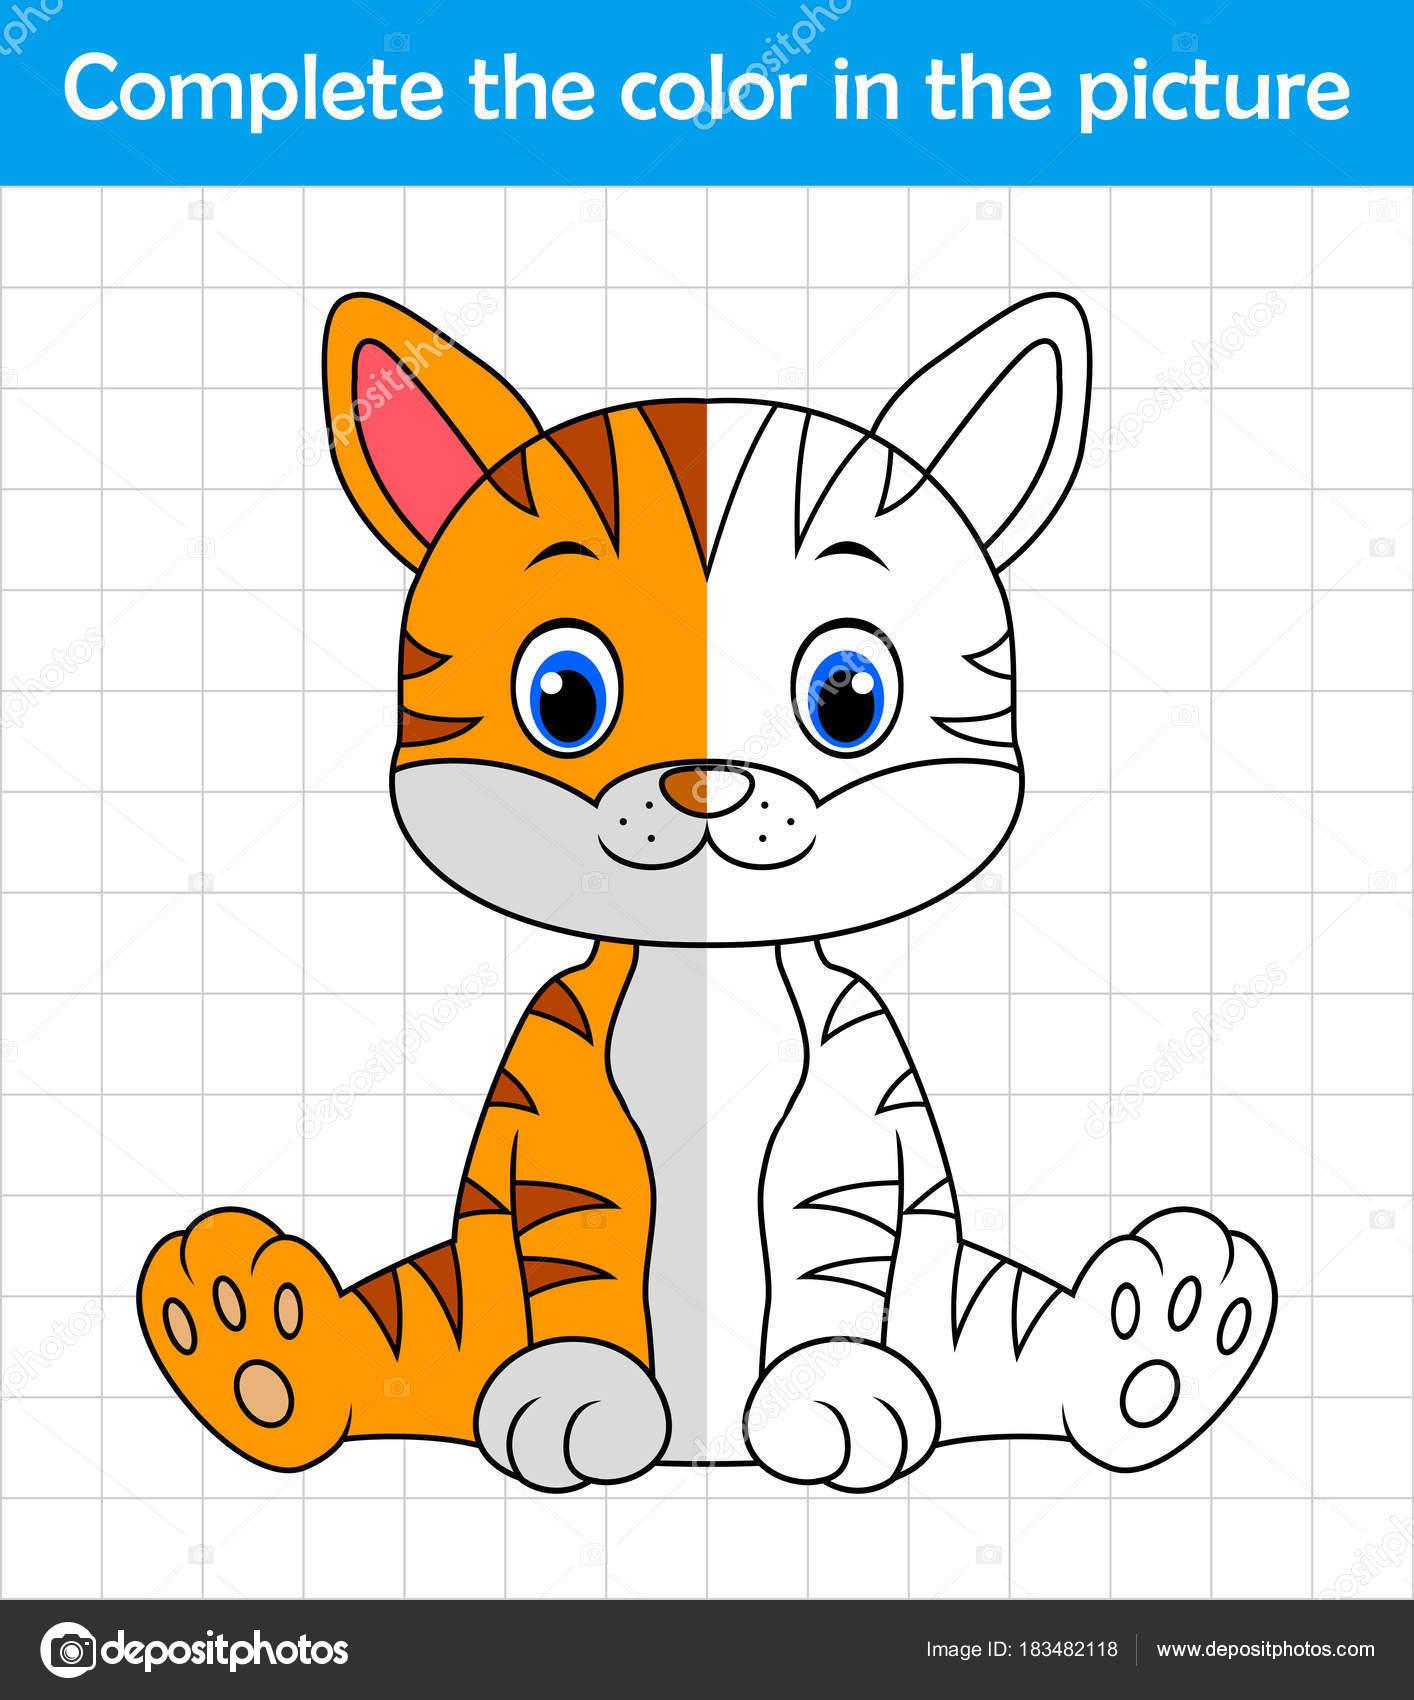 Divertido Gato Sentado Completar Los Niños Cuadro Dibujo Juego ...